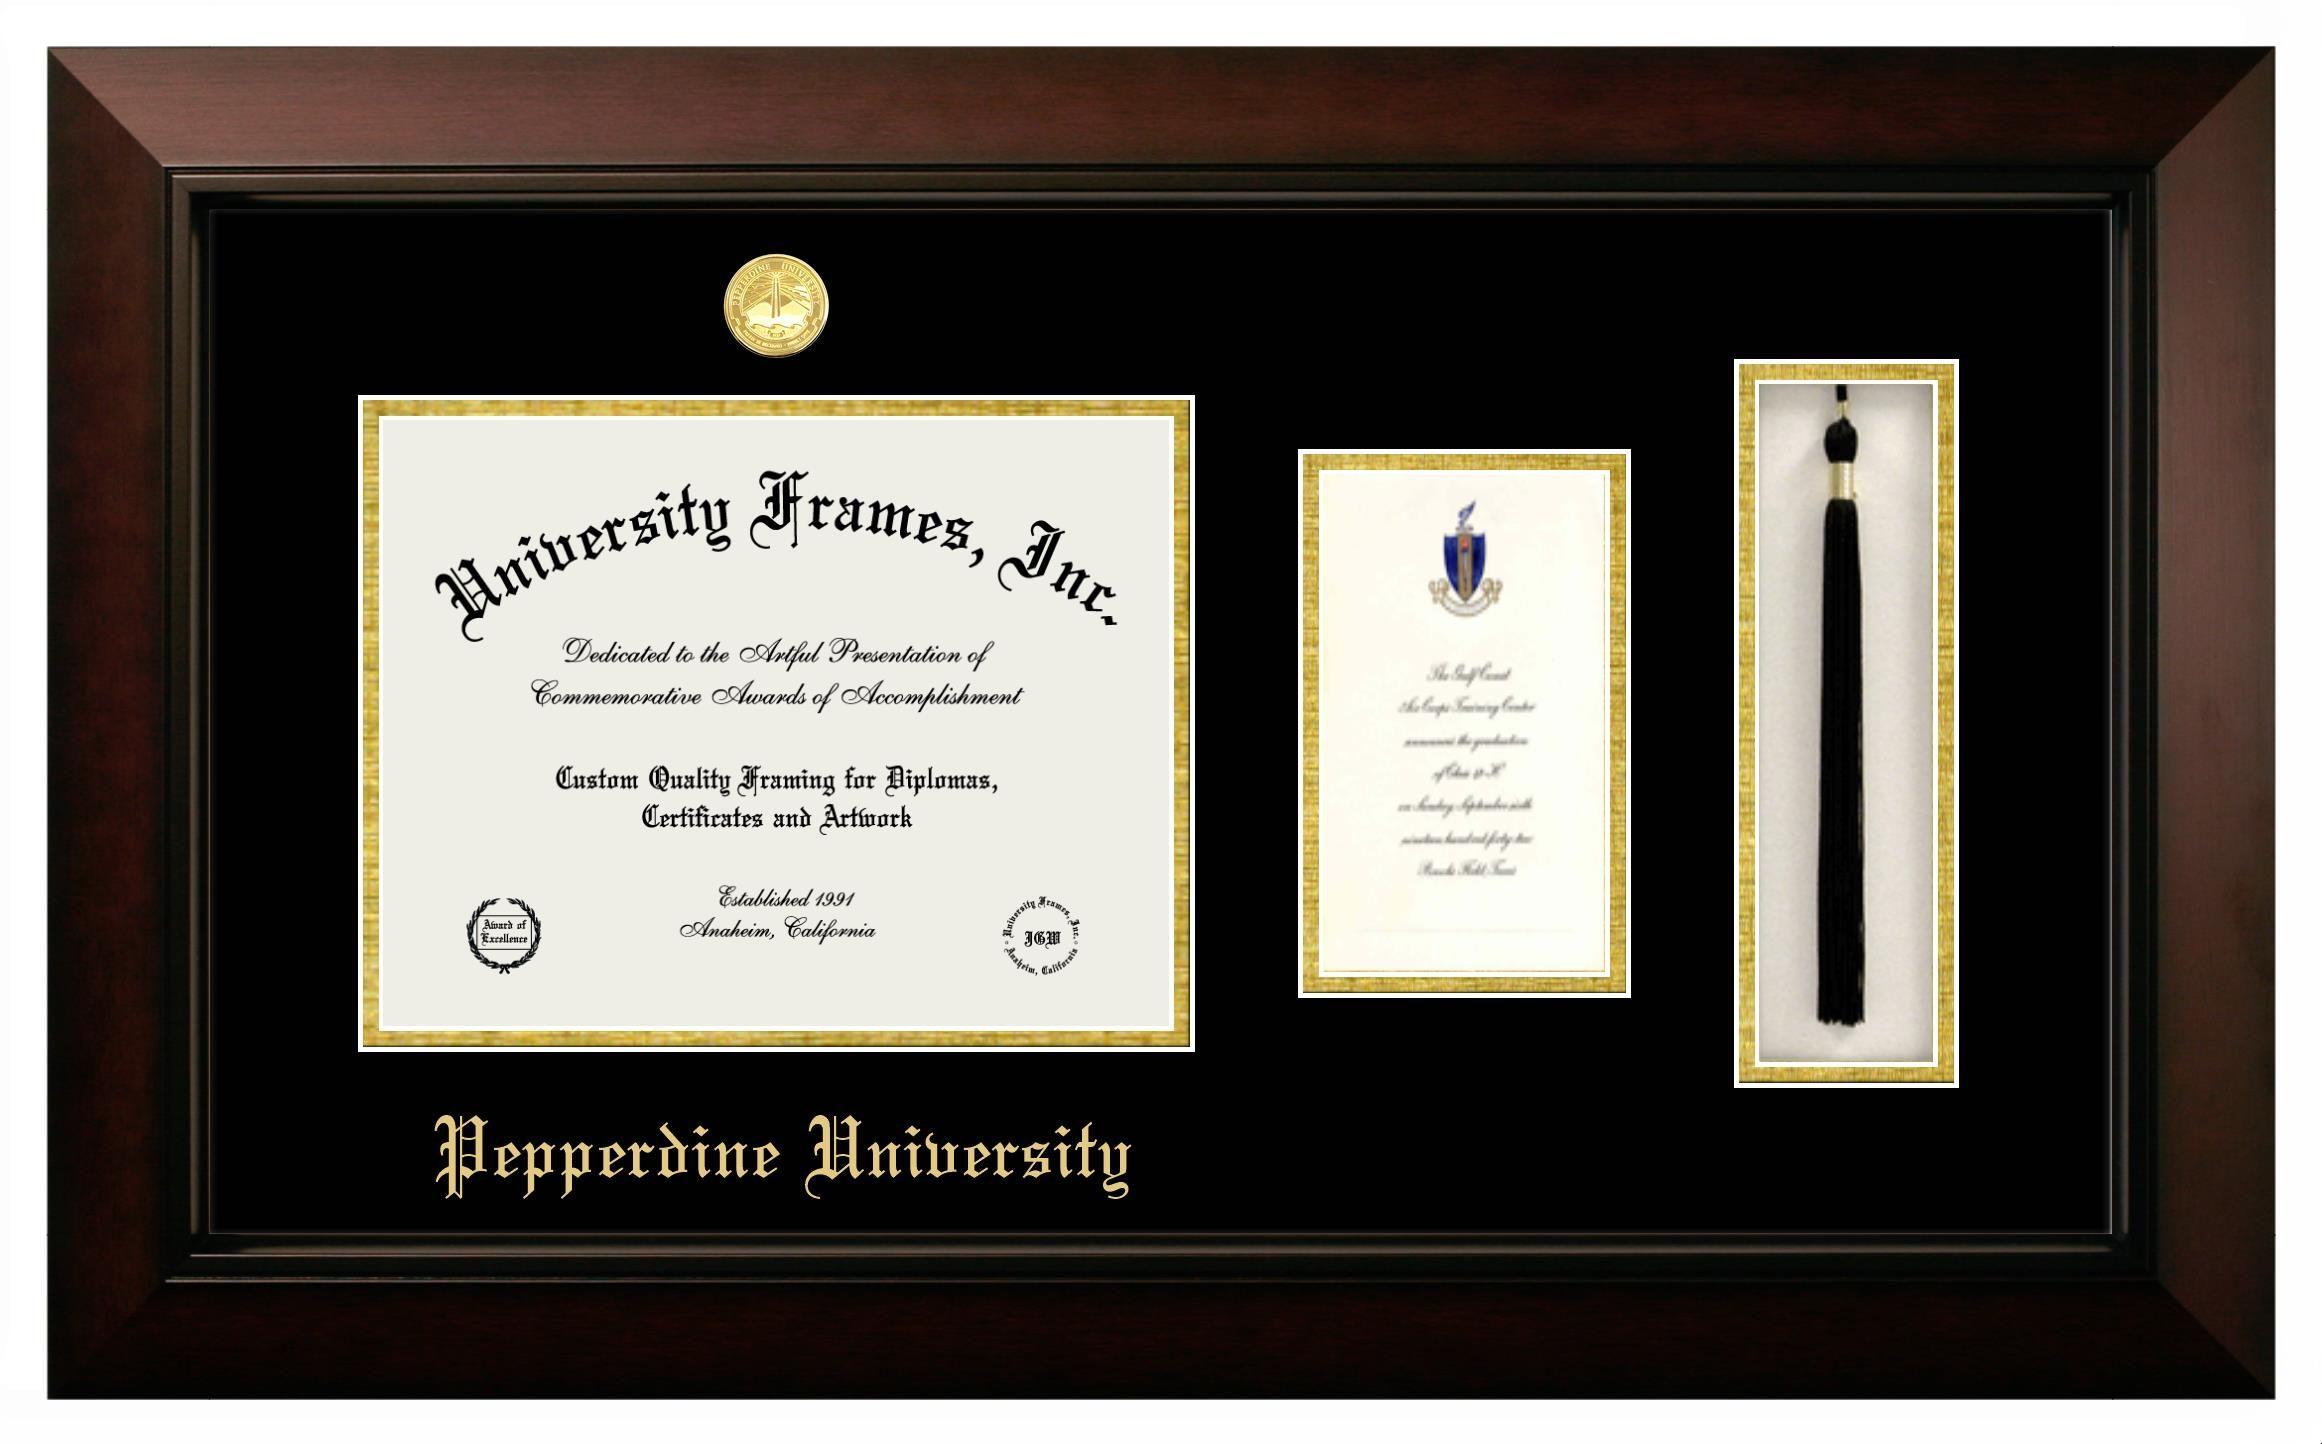 18 Pepperdine University Diploma Frames Ideas University Diploma University School Of Education